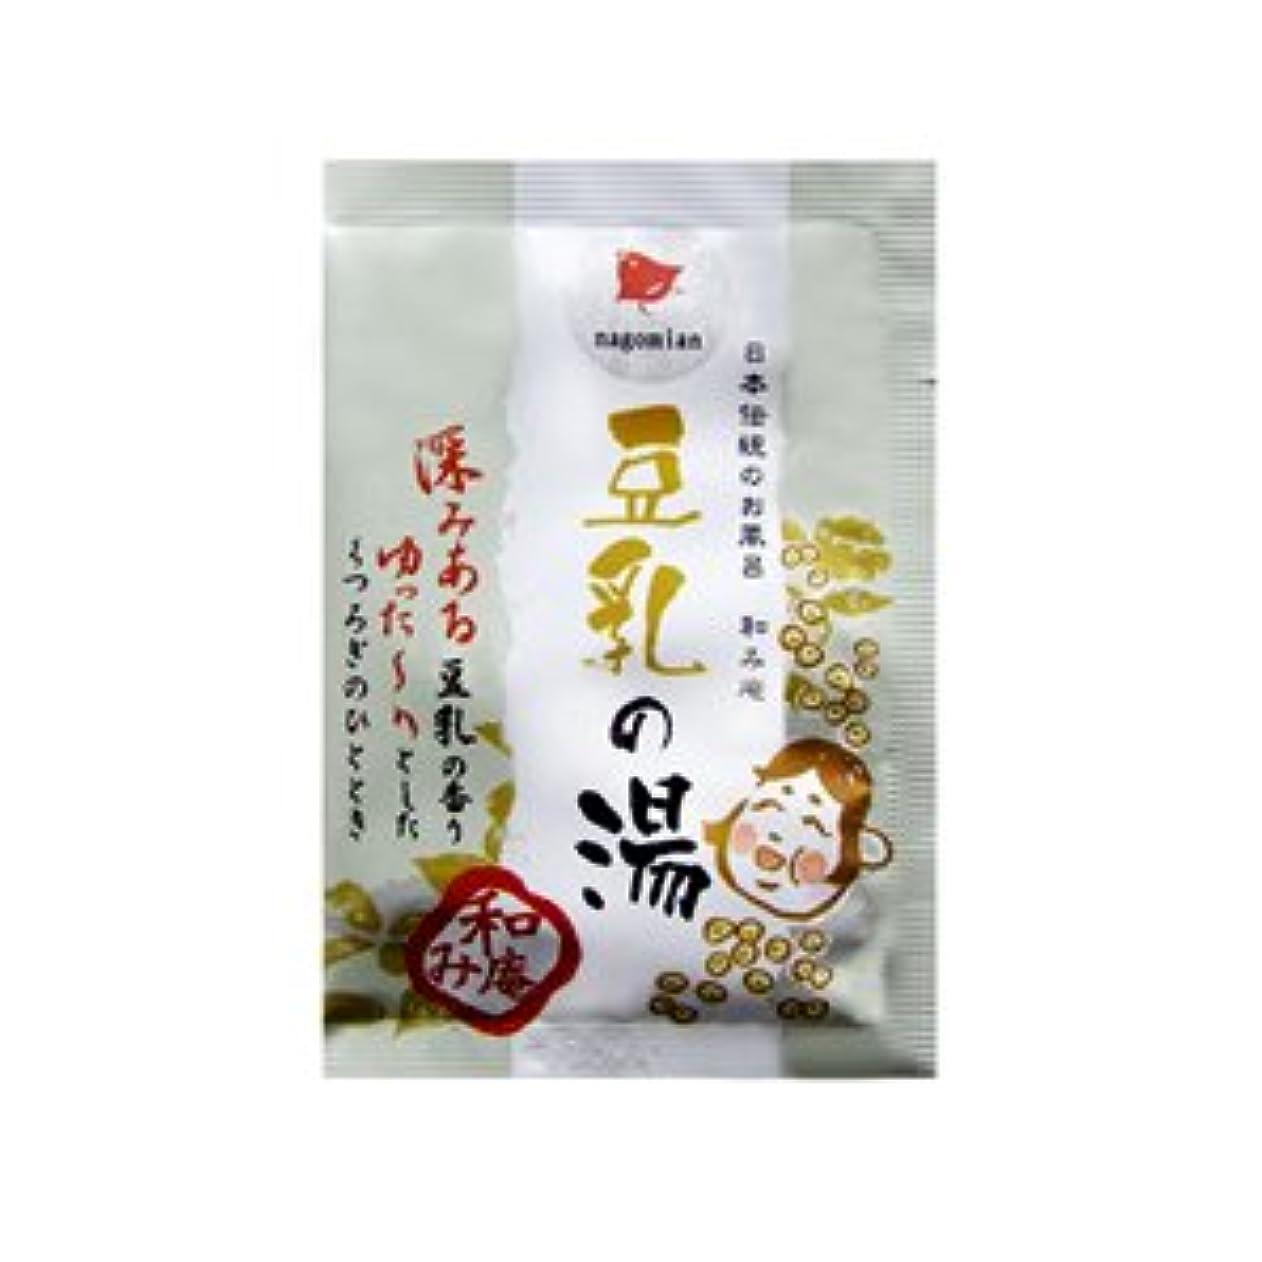 受け皿透過性インペリアル日本伝統のお風呂 和み庵 豆乳の湯 25g 10個セット